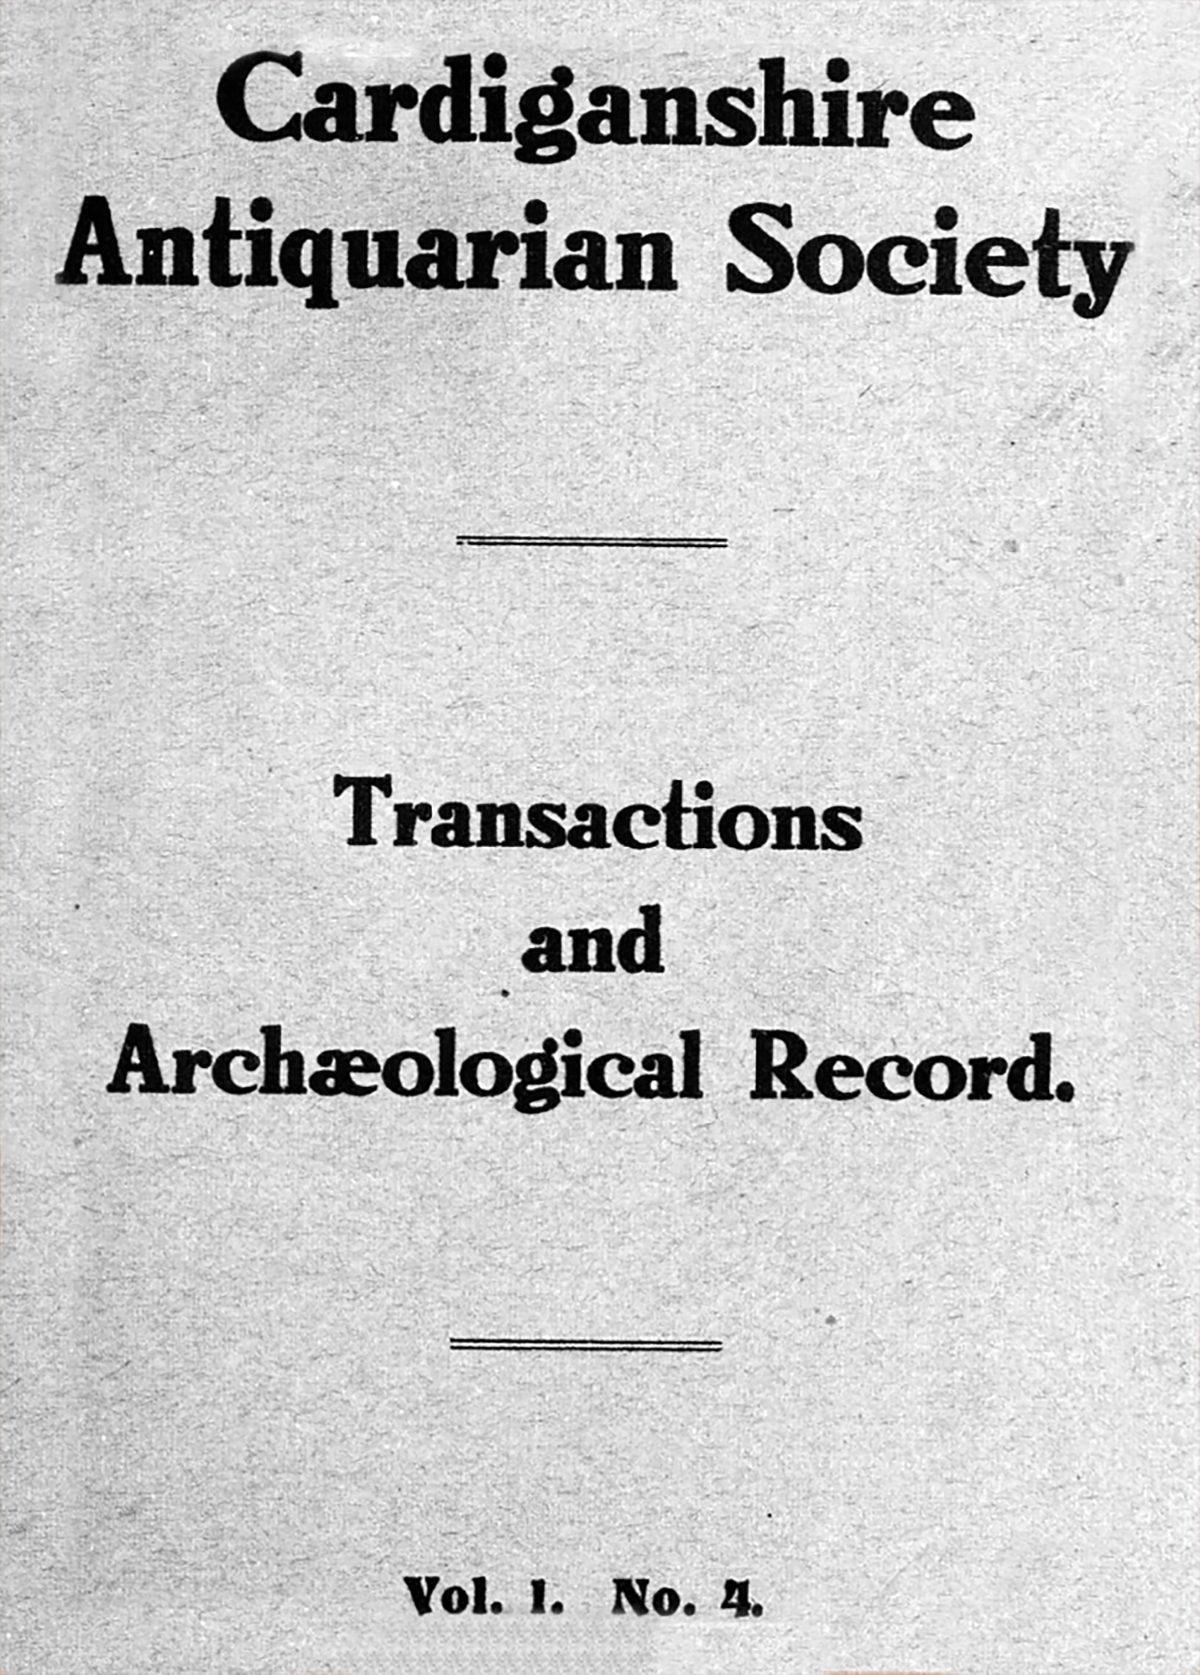 Trafodion Cymdeithas Hynafiaethwyr Sir Aberteifi a Chofnod archeolegol - Cyfrol 1 Rhan 4